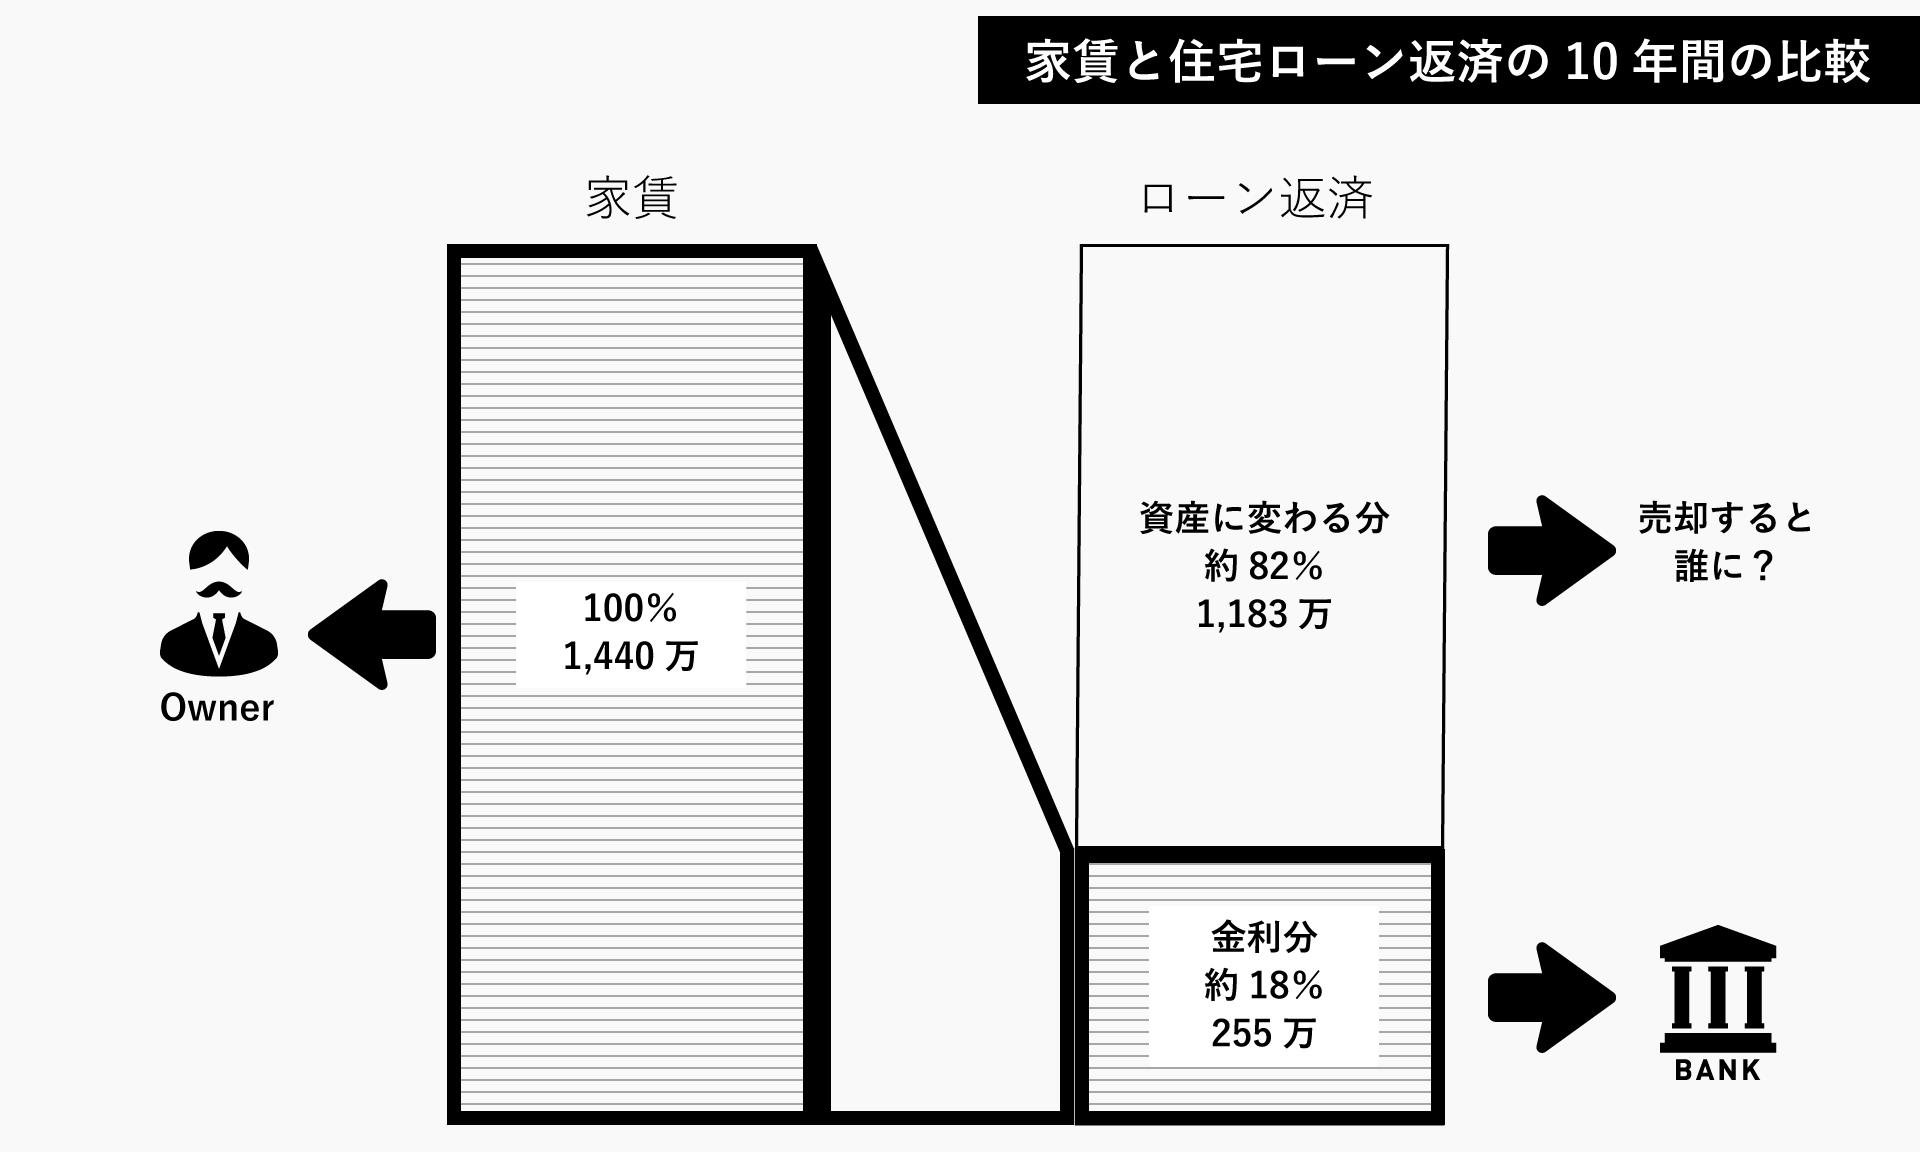 家賃と住宅ローン返済の性質の比較